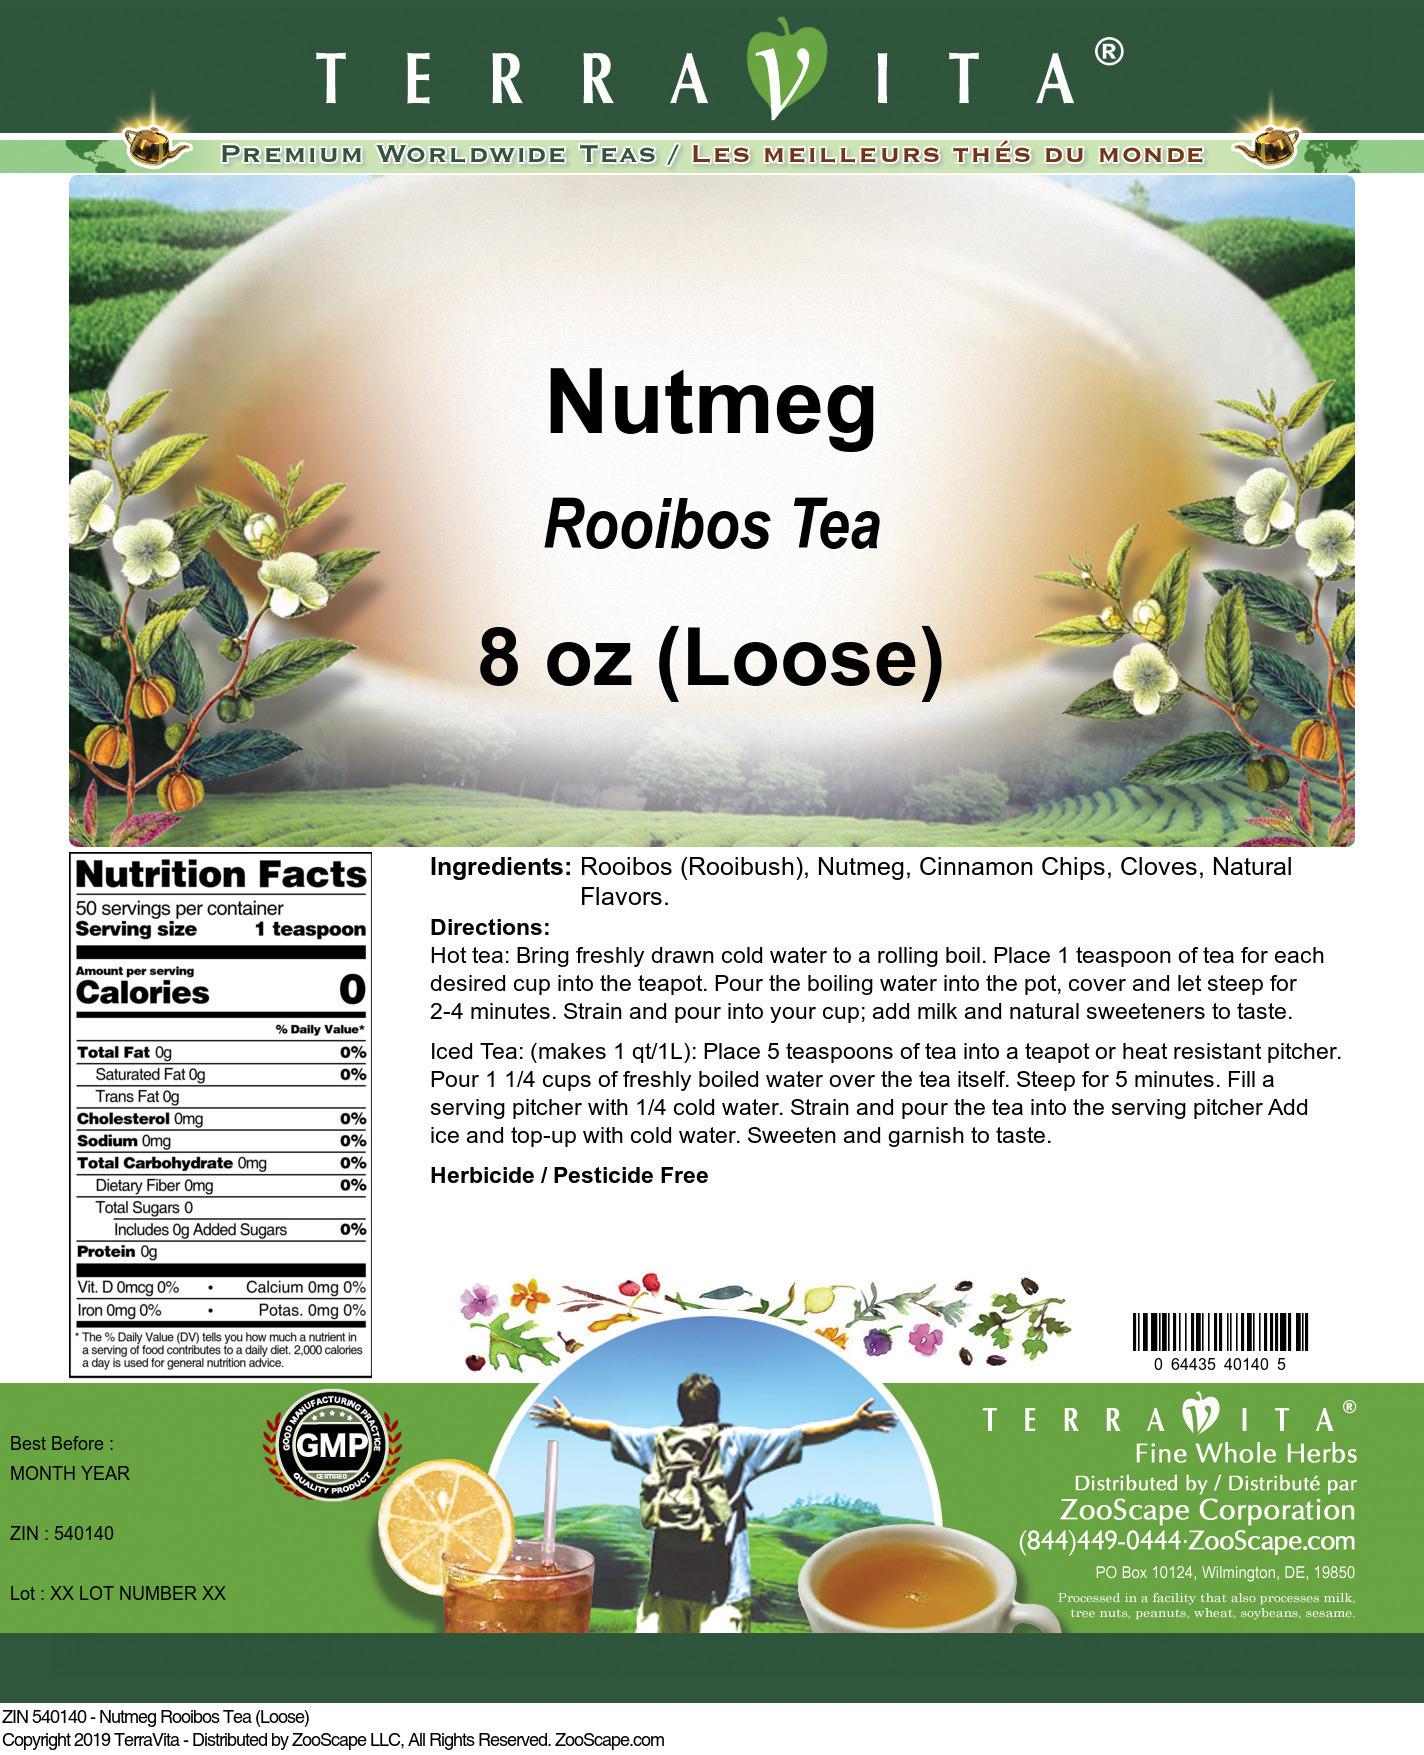 Nutmeg Rooibos Tea (Loose)